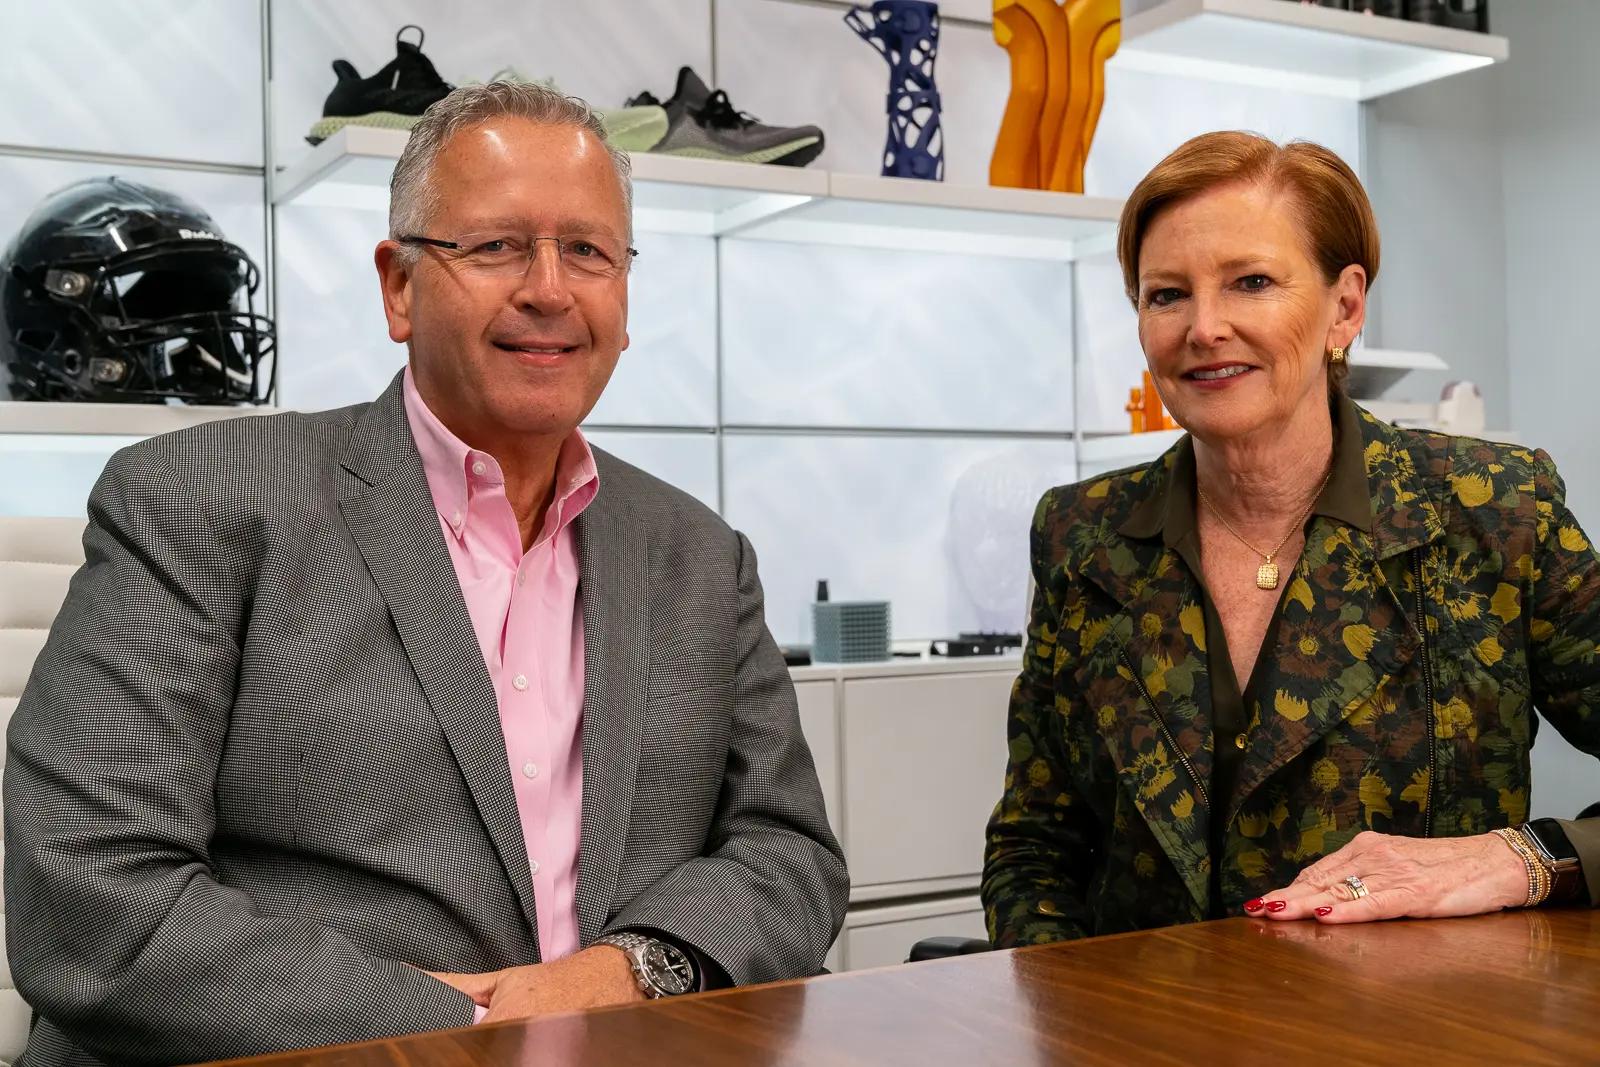 Carbon Gründer Dr. Joseph M. DeSimone und CEO und Präsidentin Ellen J. Kullman